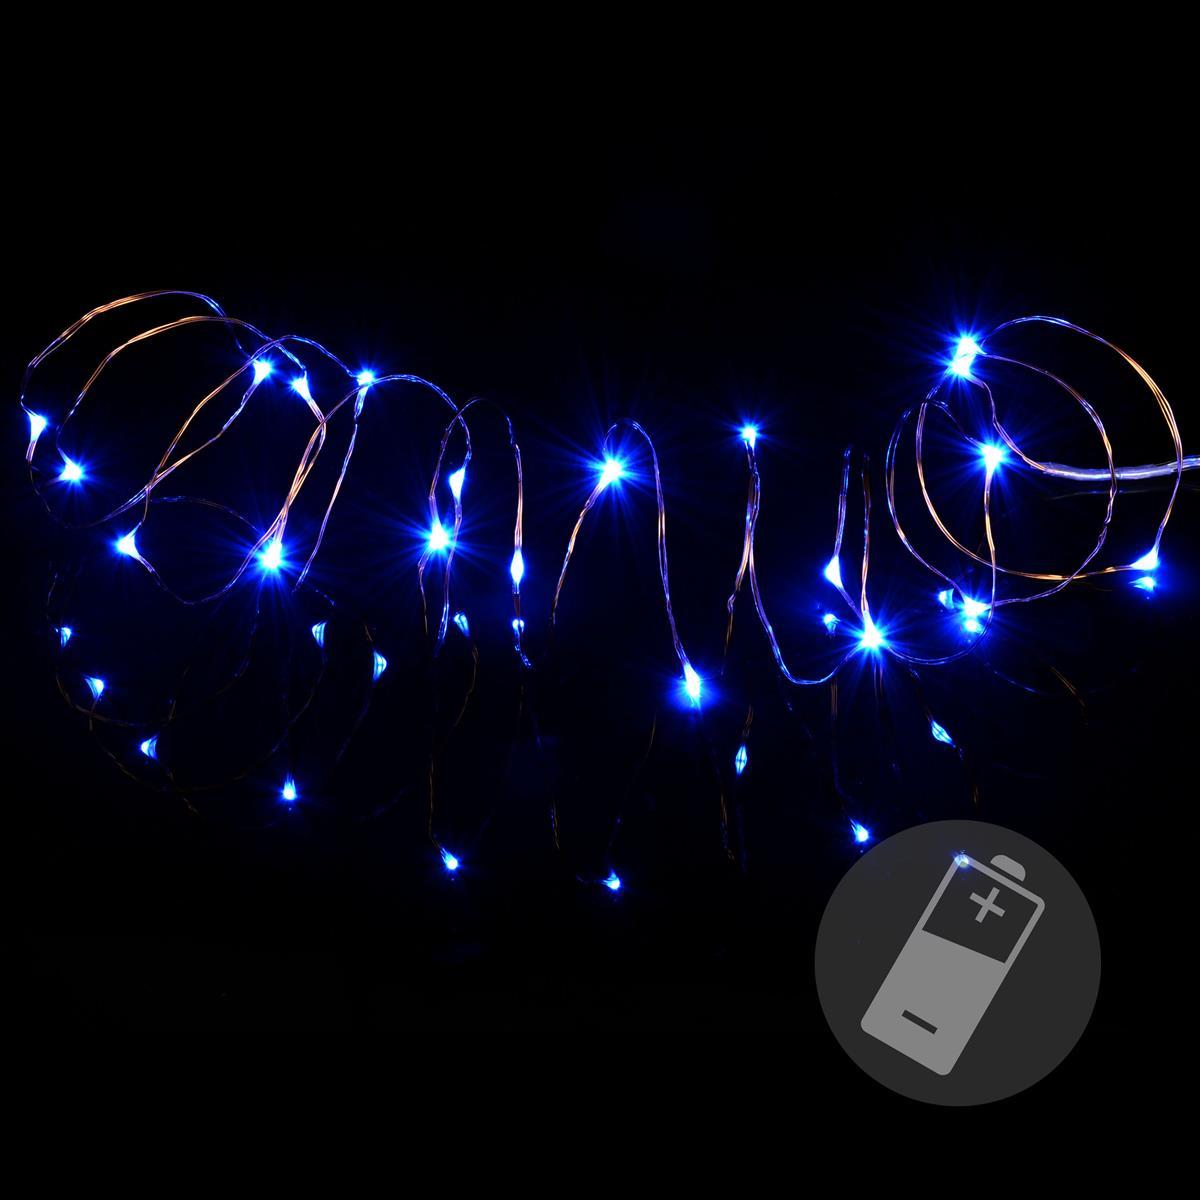 20 LED Mini Lichterkette blau Innenbeleuchtung Weihnachten Xmas Draht